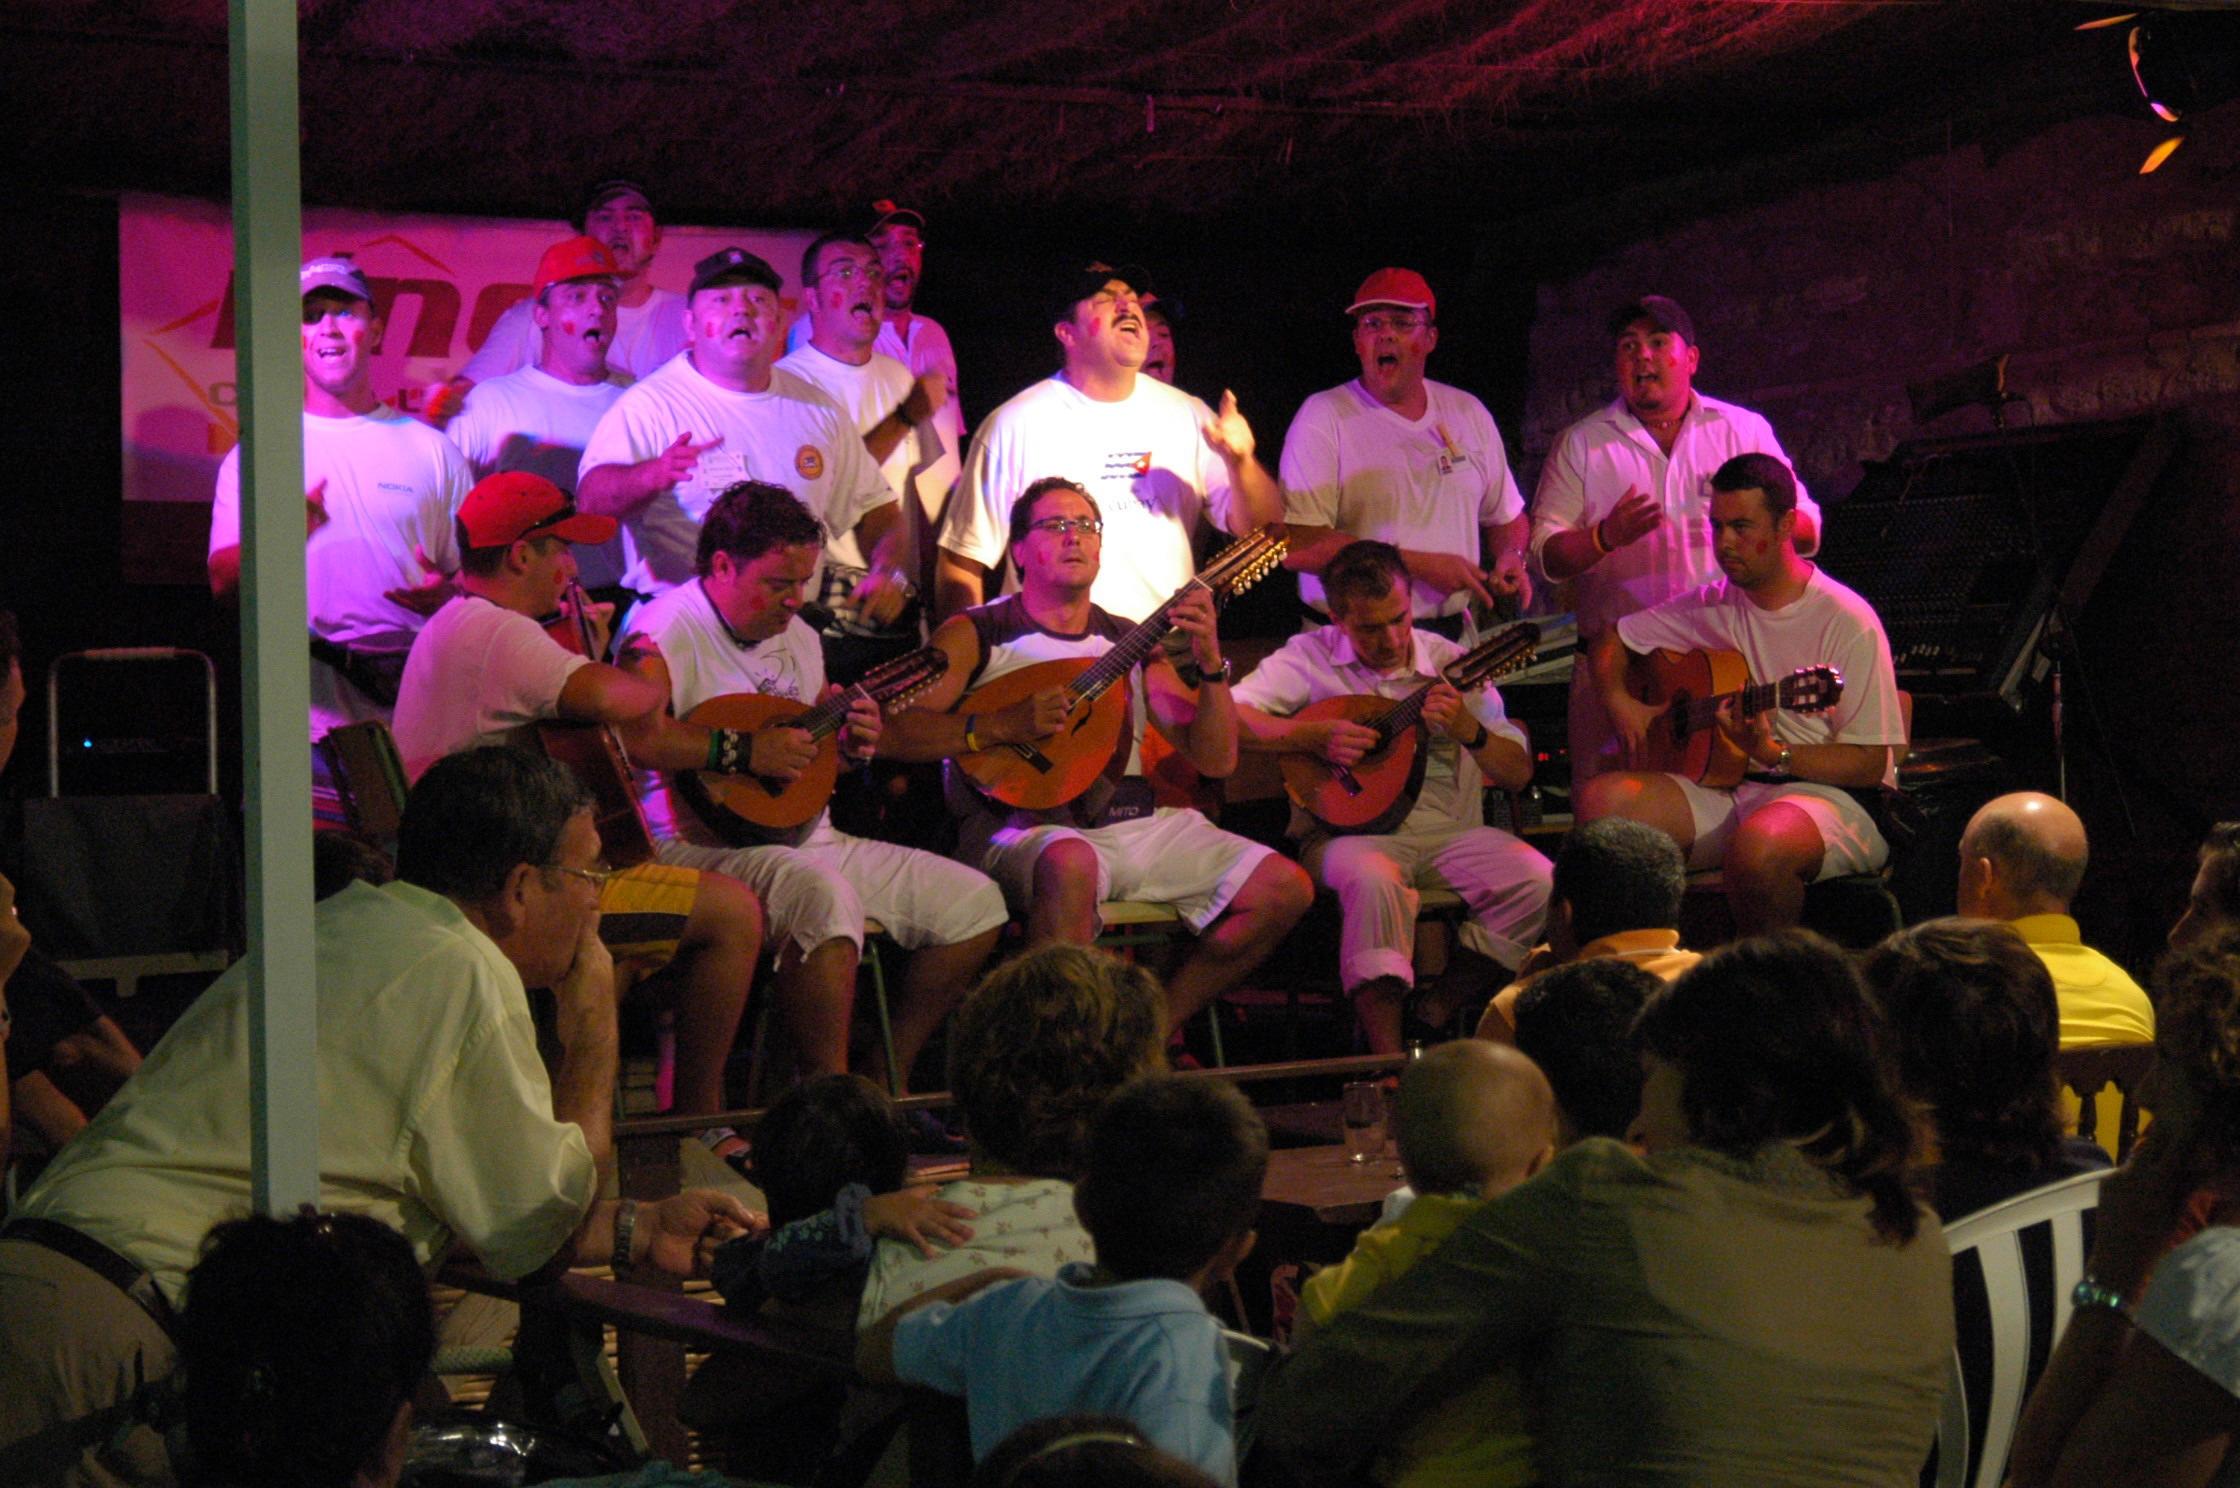 Piden declarar el concurso de minicoros como Fiesta de Interés Turístico Local